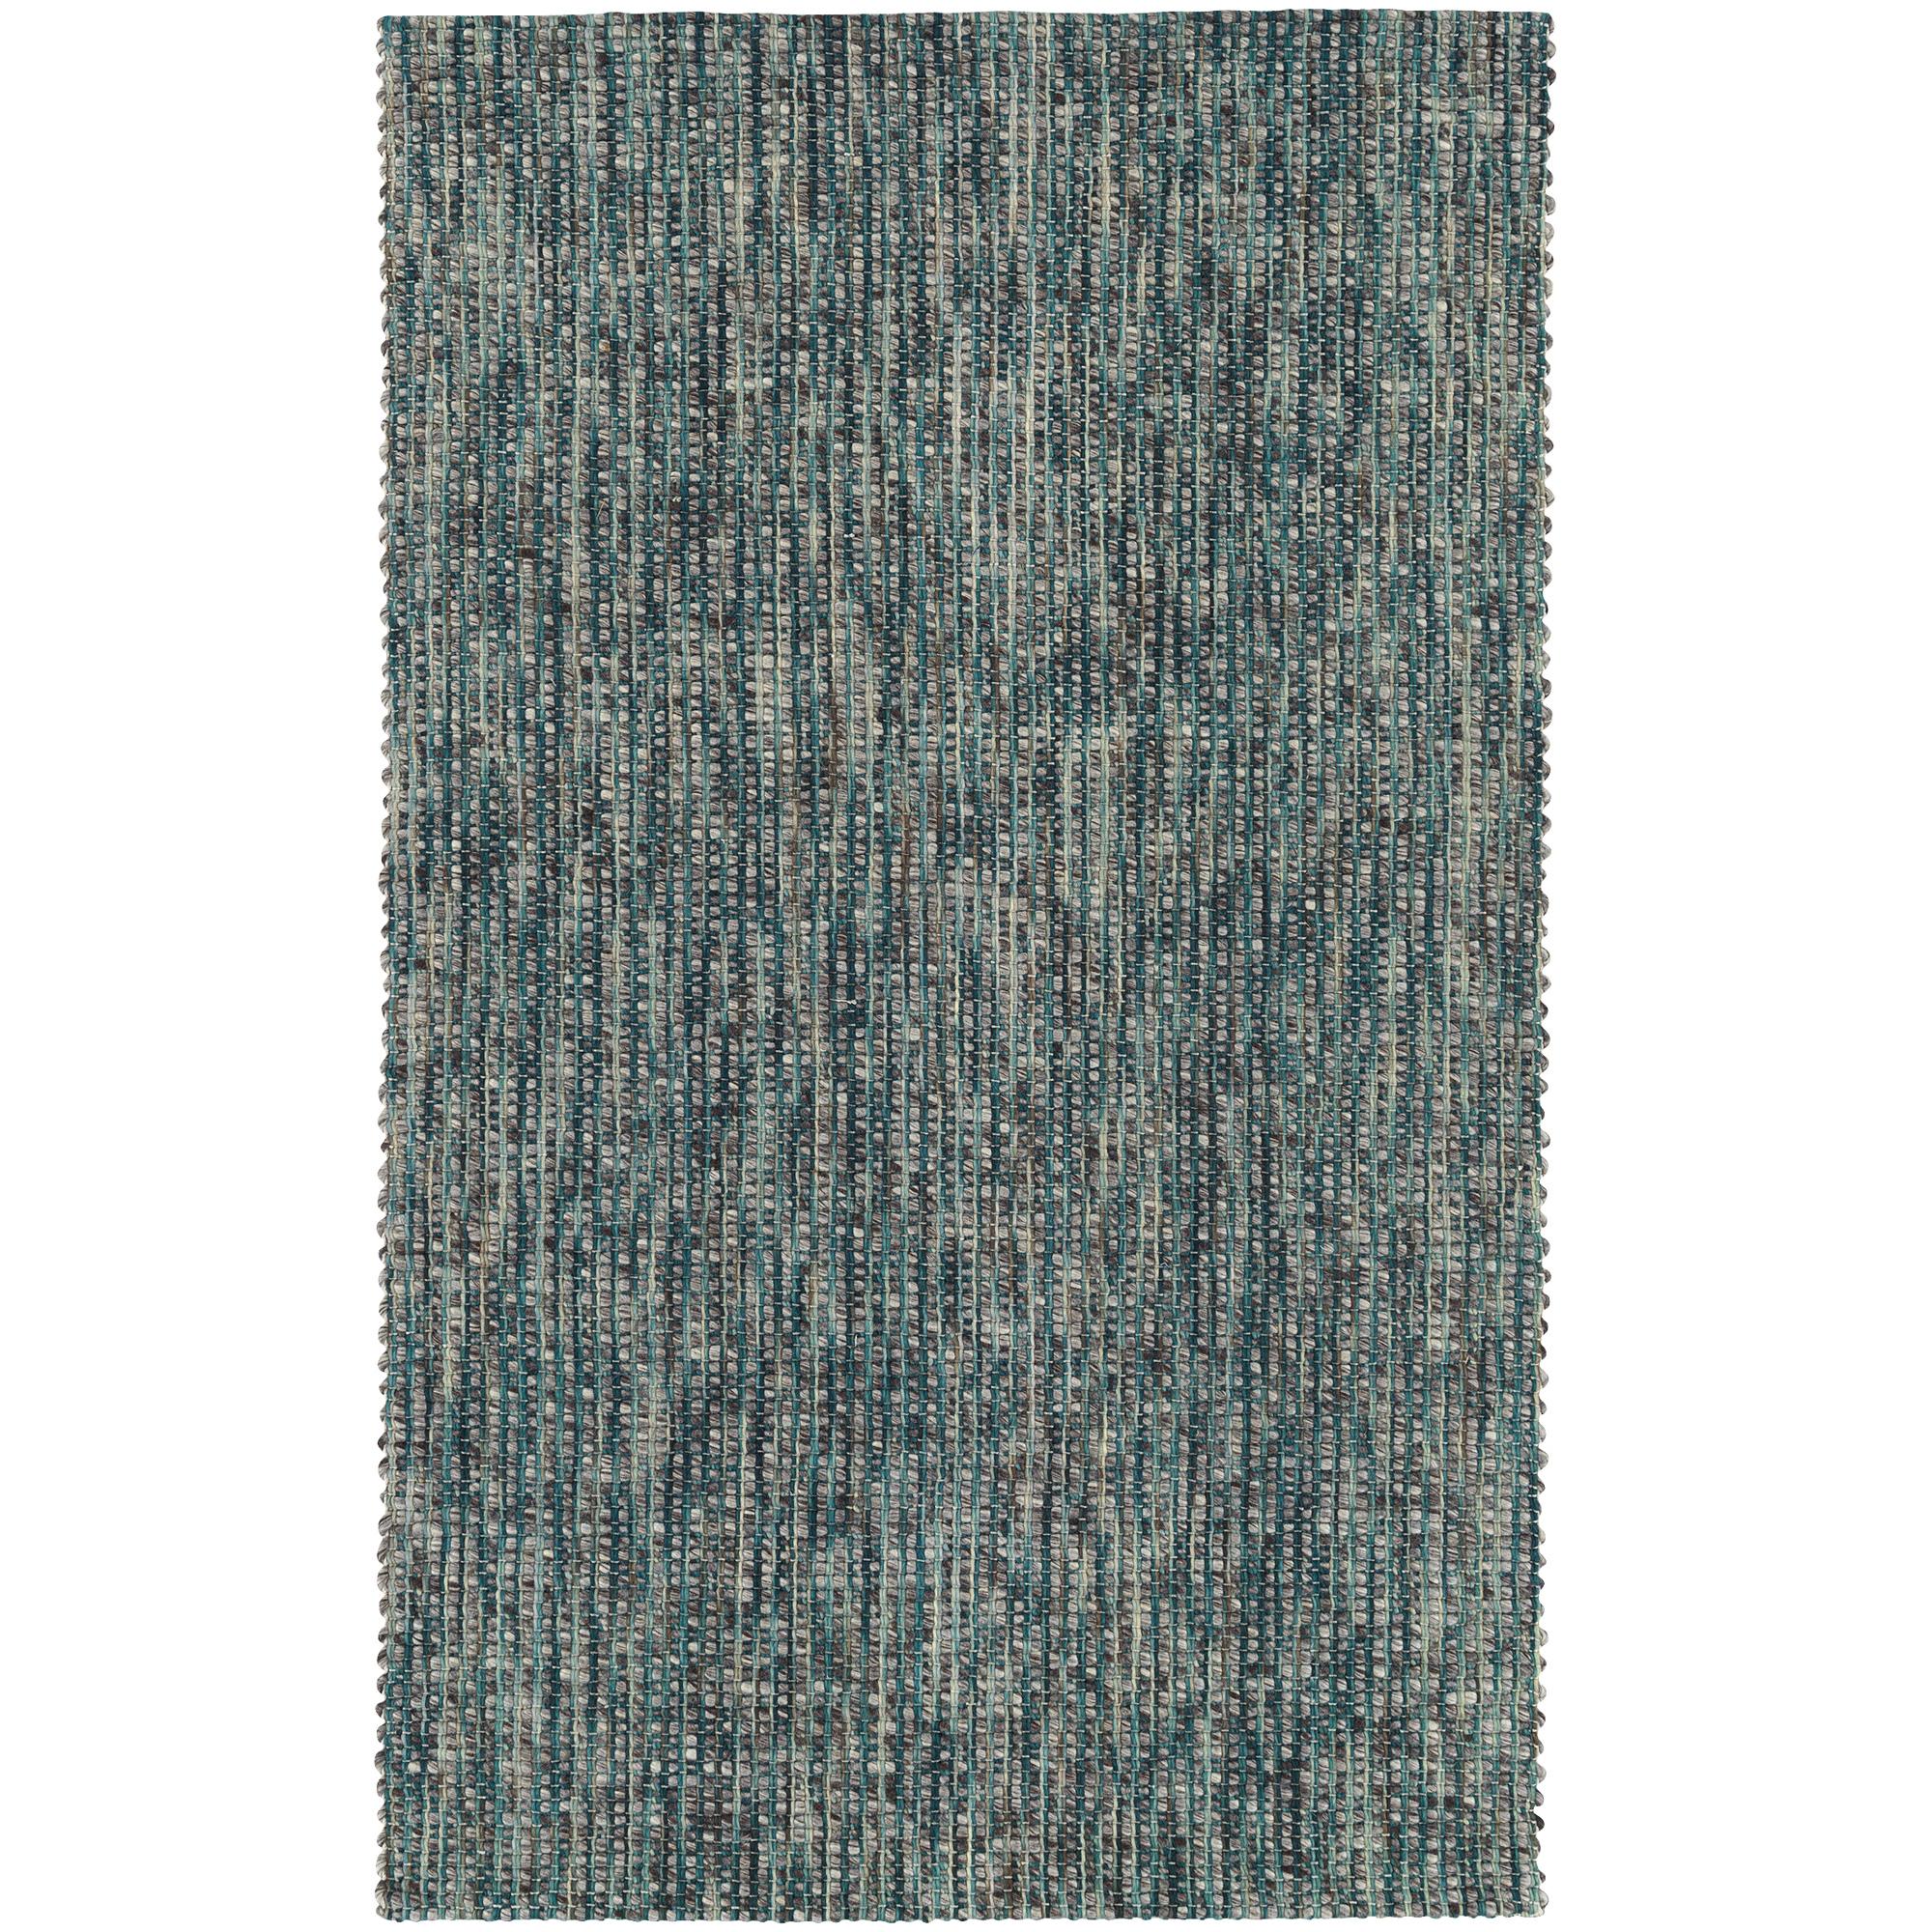 Dalyn Rug | Bondi Turquoise 5x8 Area Rug